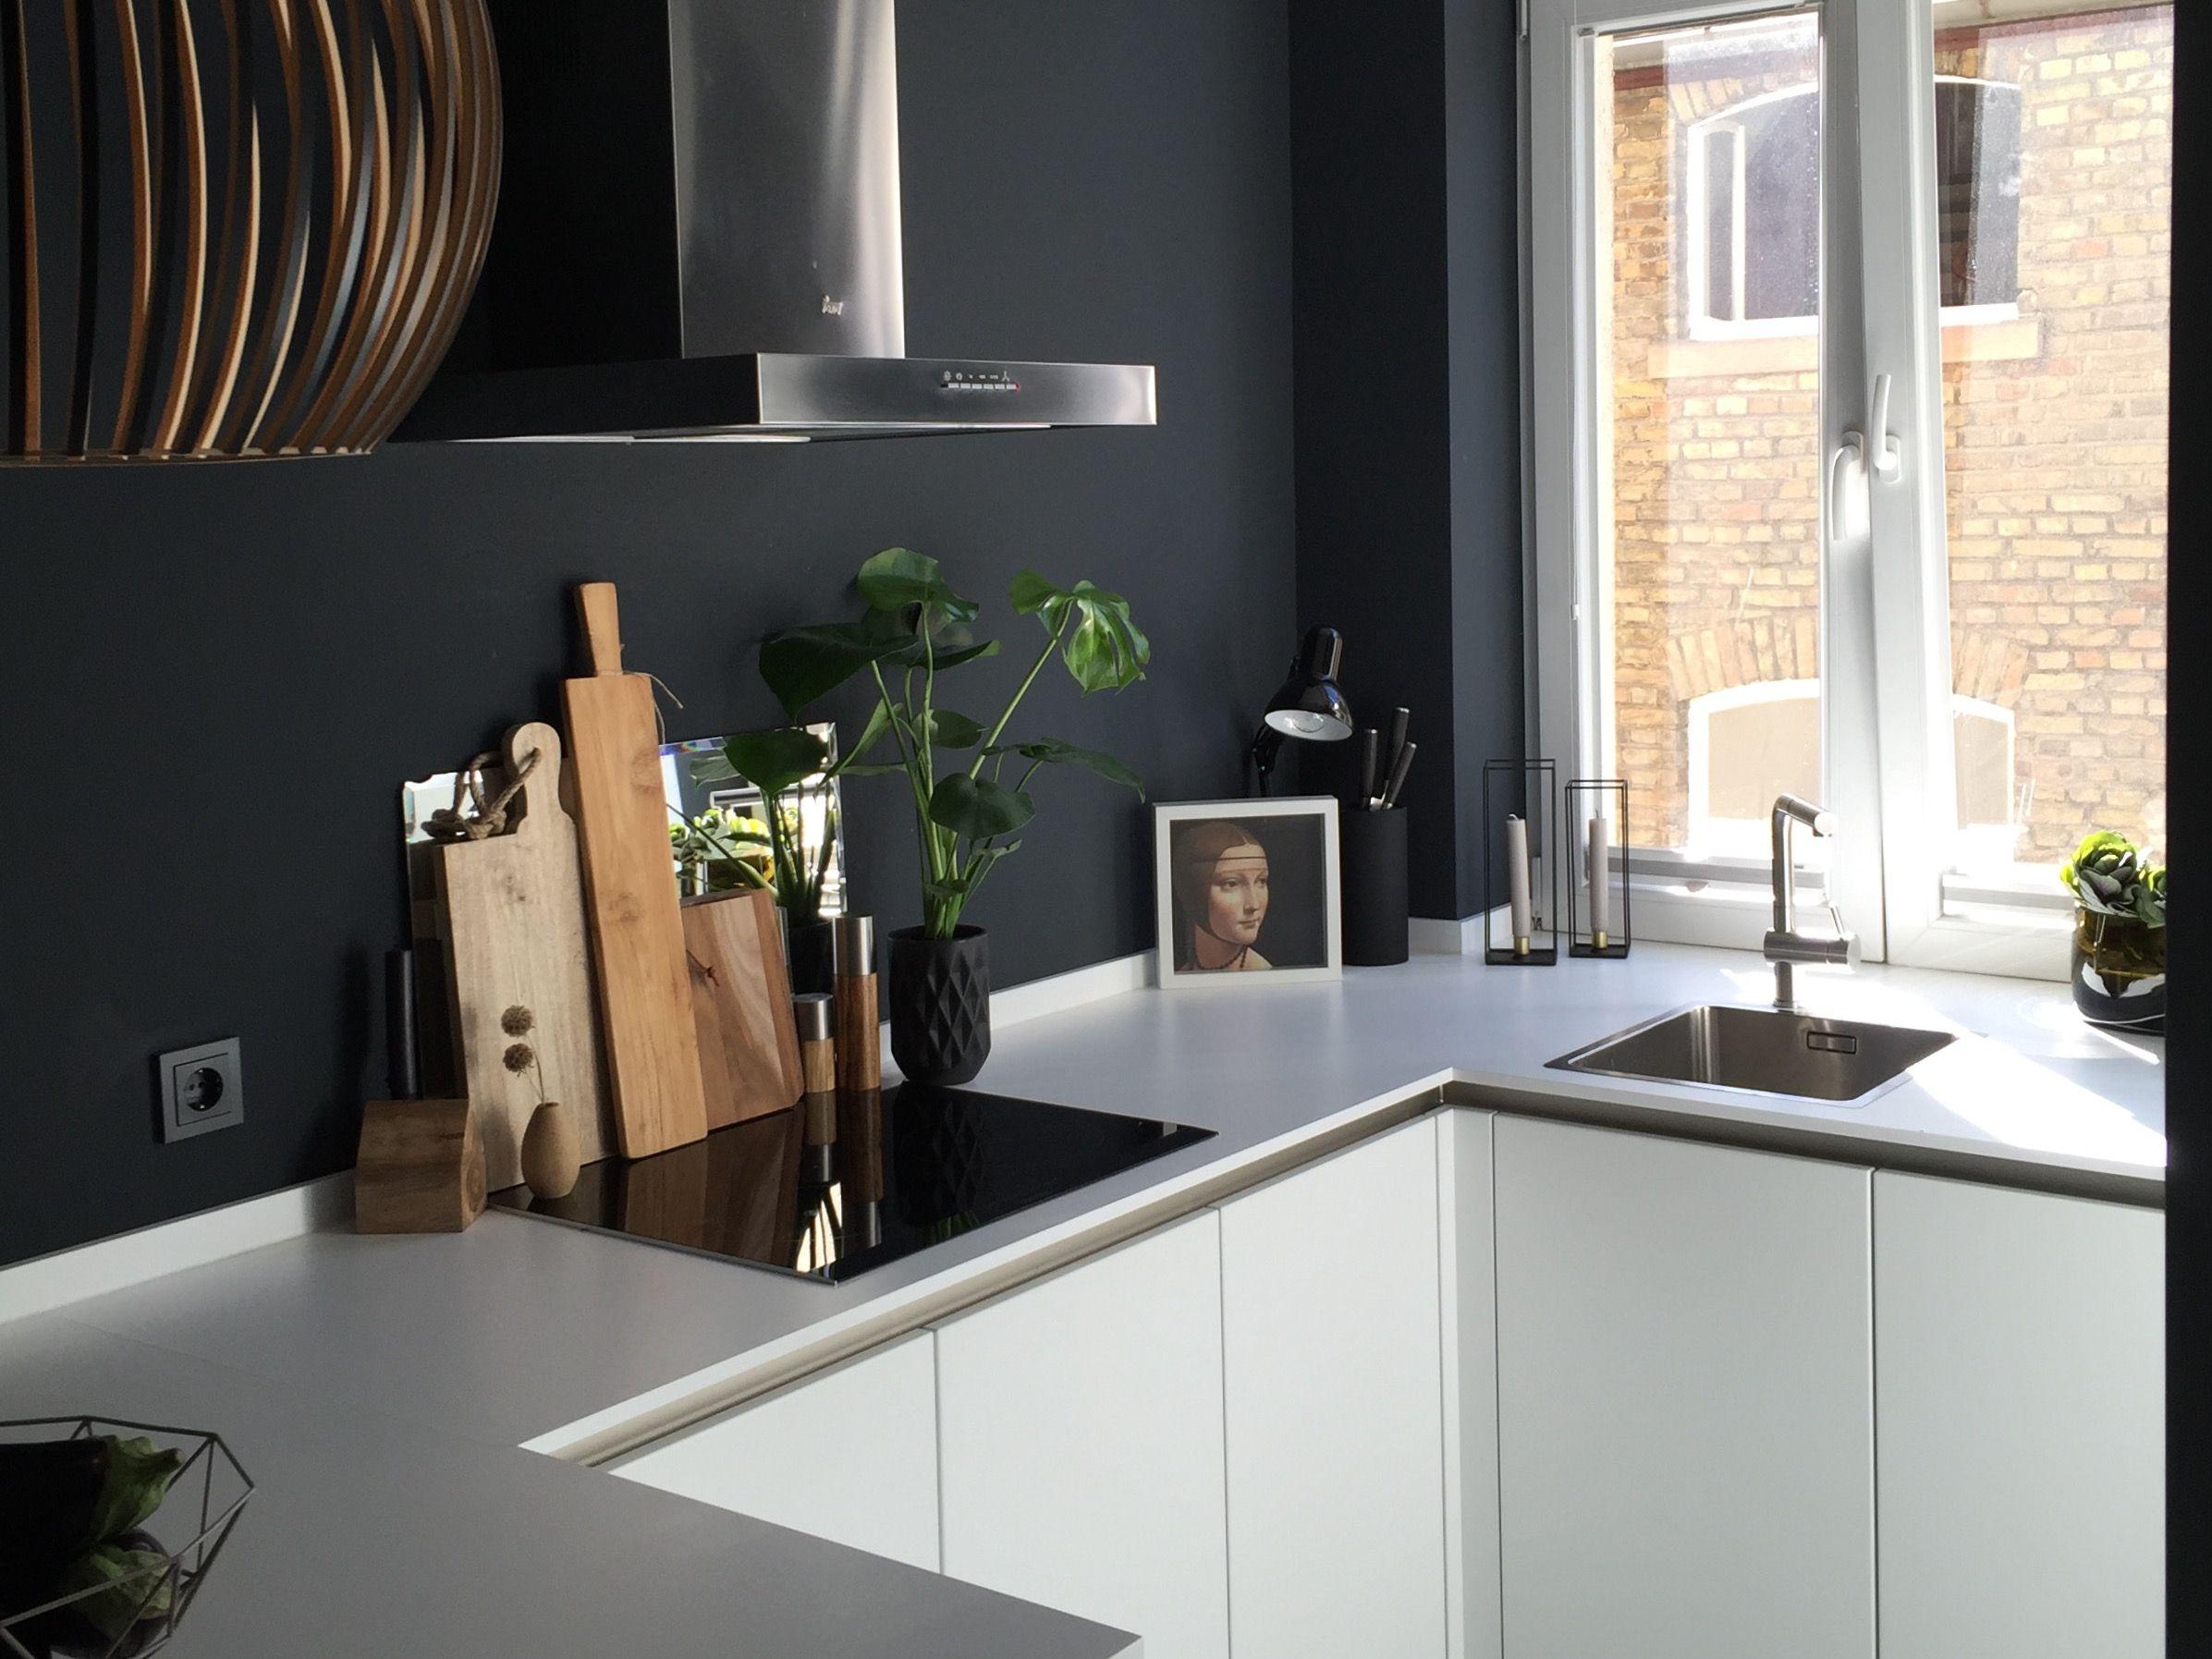 Erfreut Küchenwand Farbbilder Fotos - Küchenschrank Ideen ...